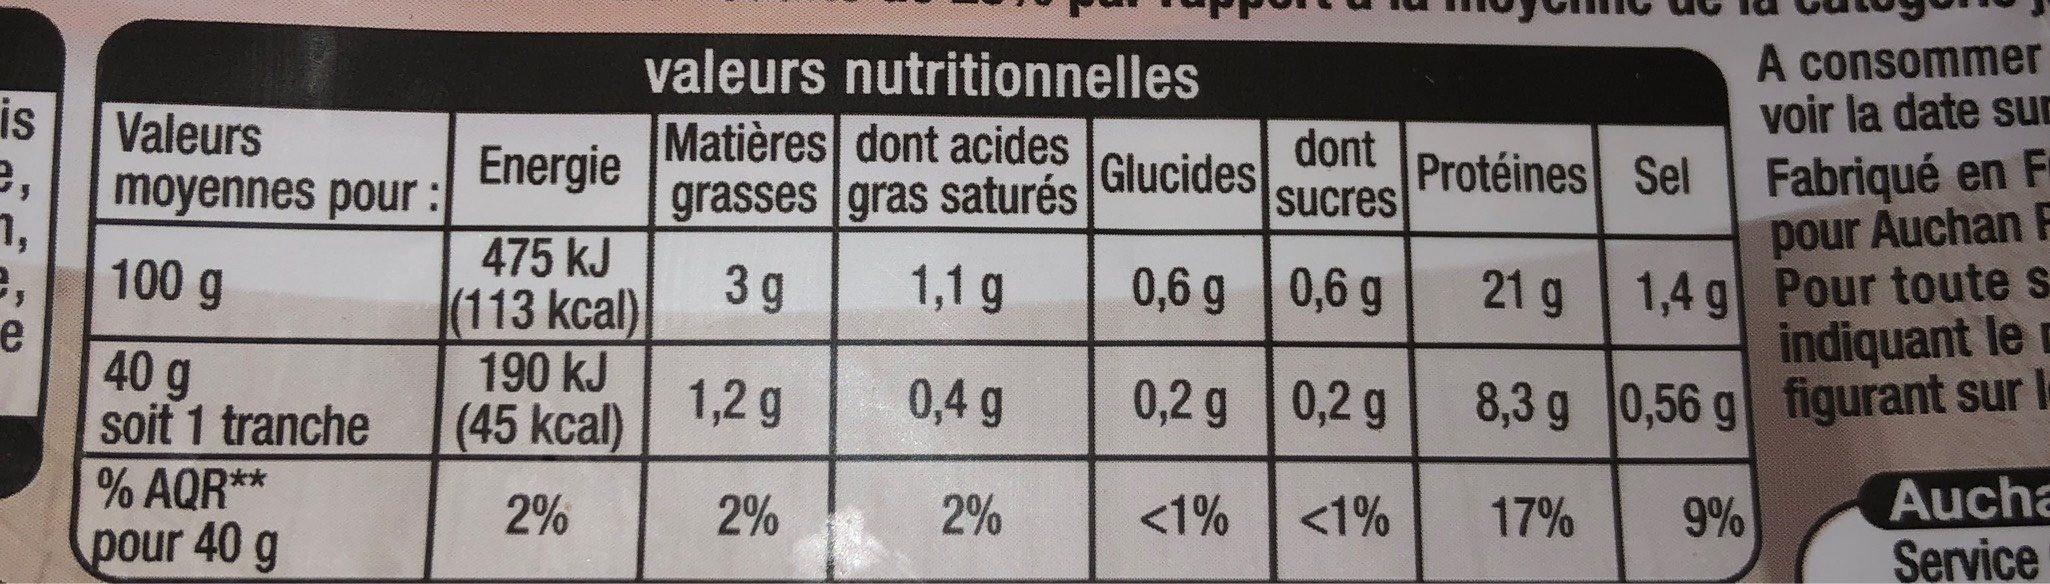 Jambon supérieur (-25% de sel) - Informations nutritionnelles